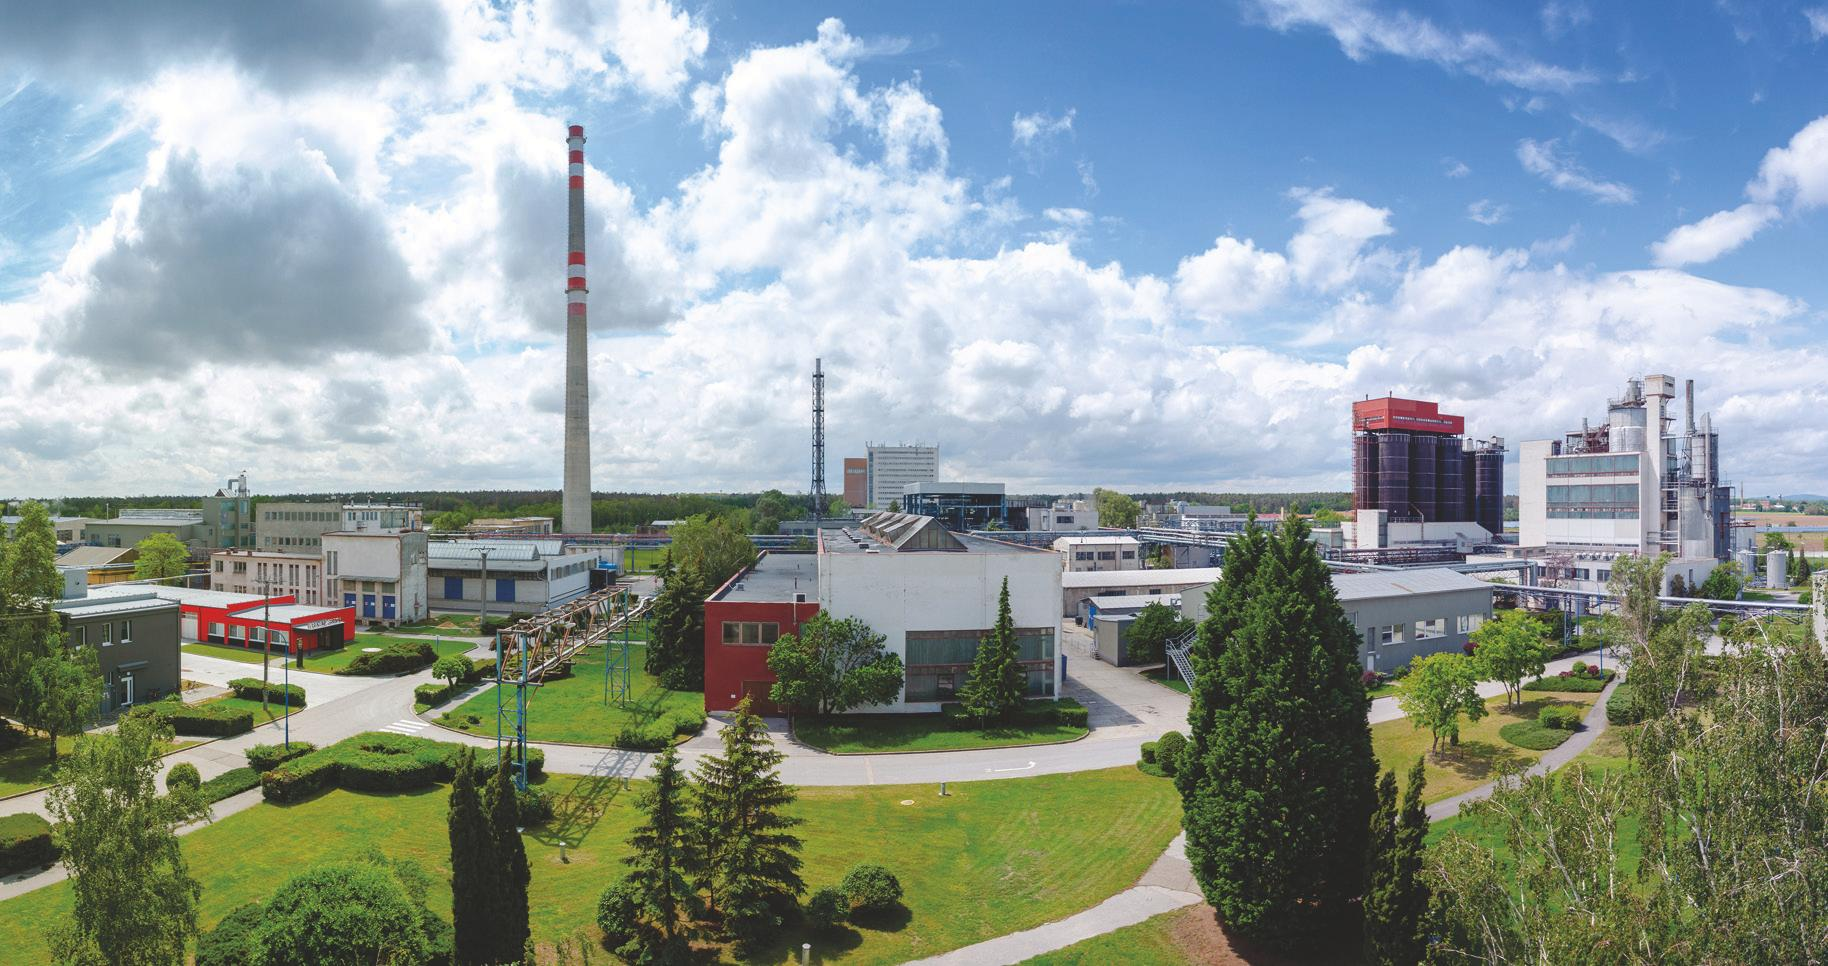 businessinfo.cz:Jak na zelenou továrnu pro třetí tisíciletí? Klíčová je voda i produkce odpadů